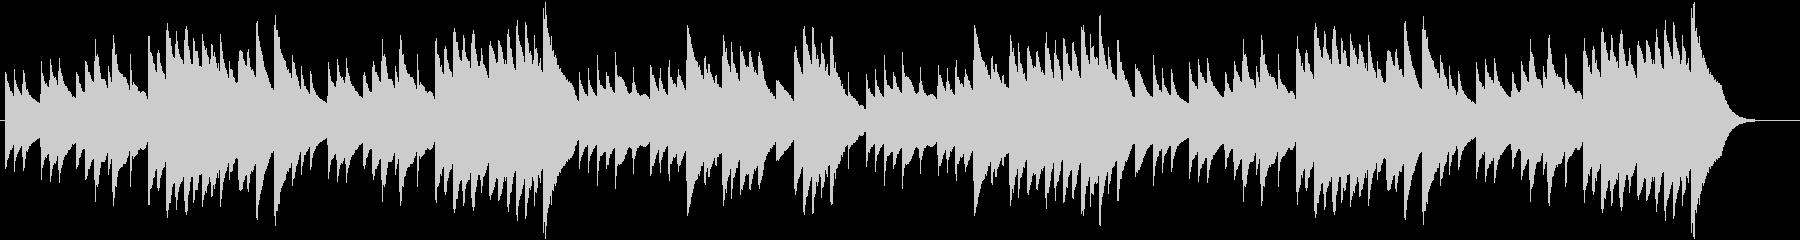 ジングルベルのオルゴールバージョンの未再生の波形